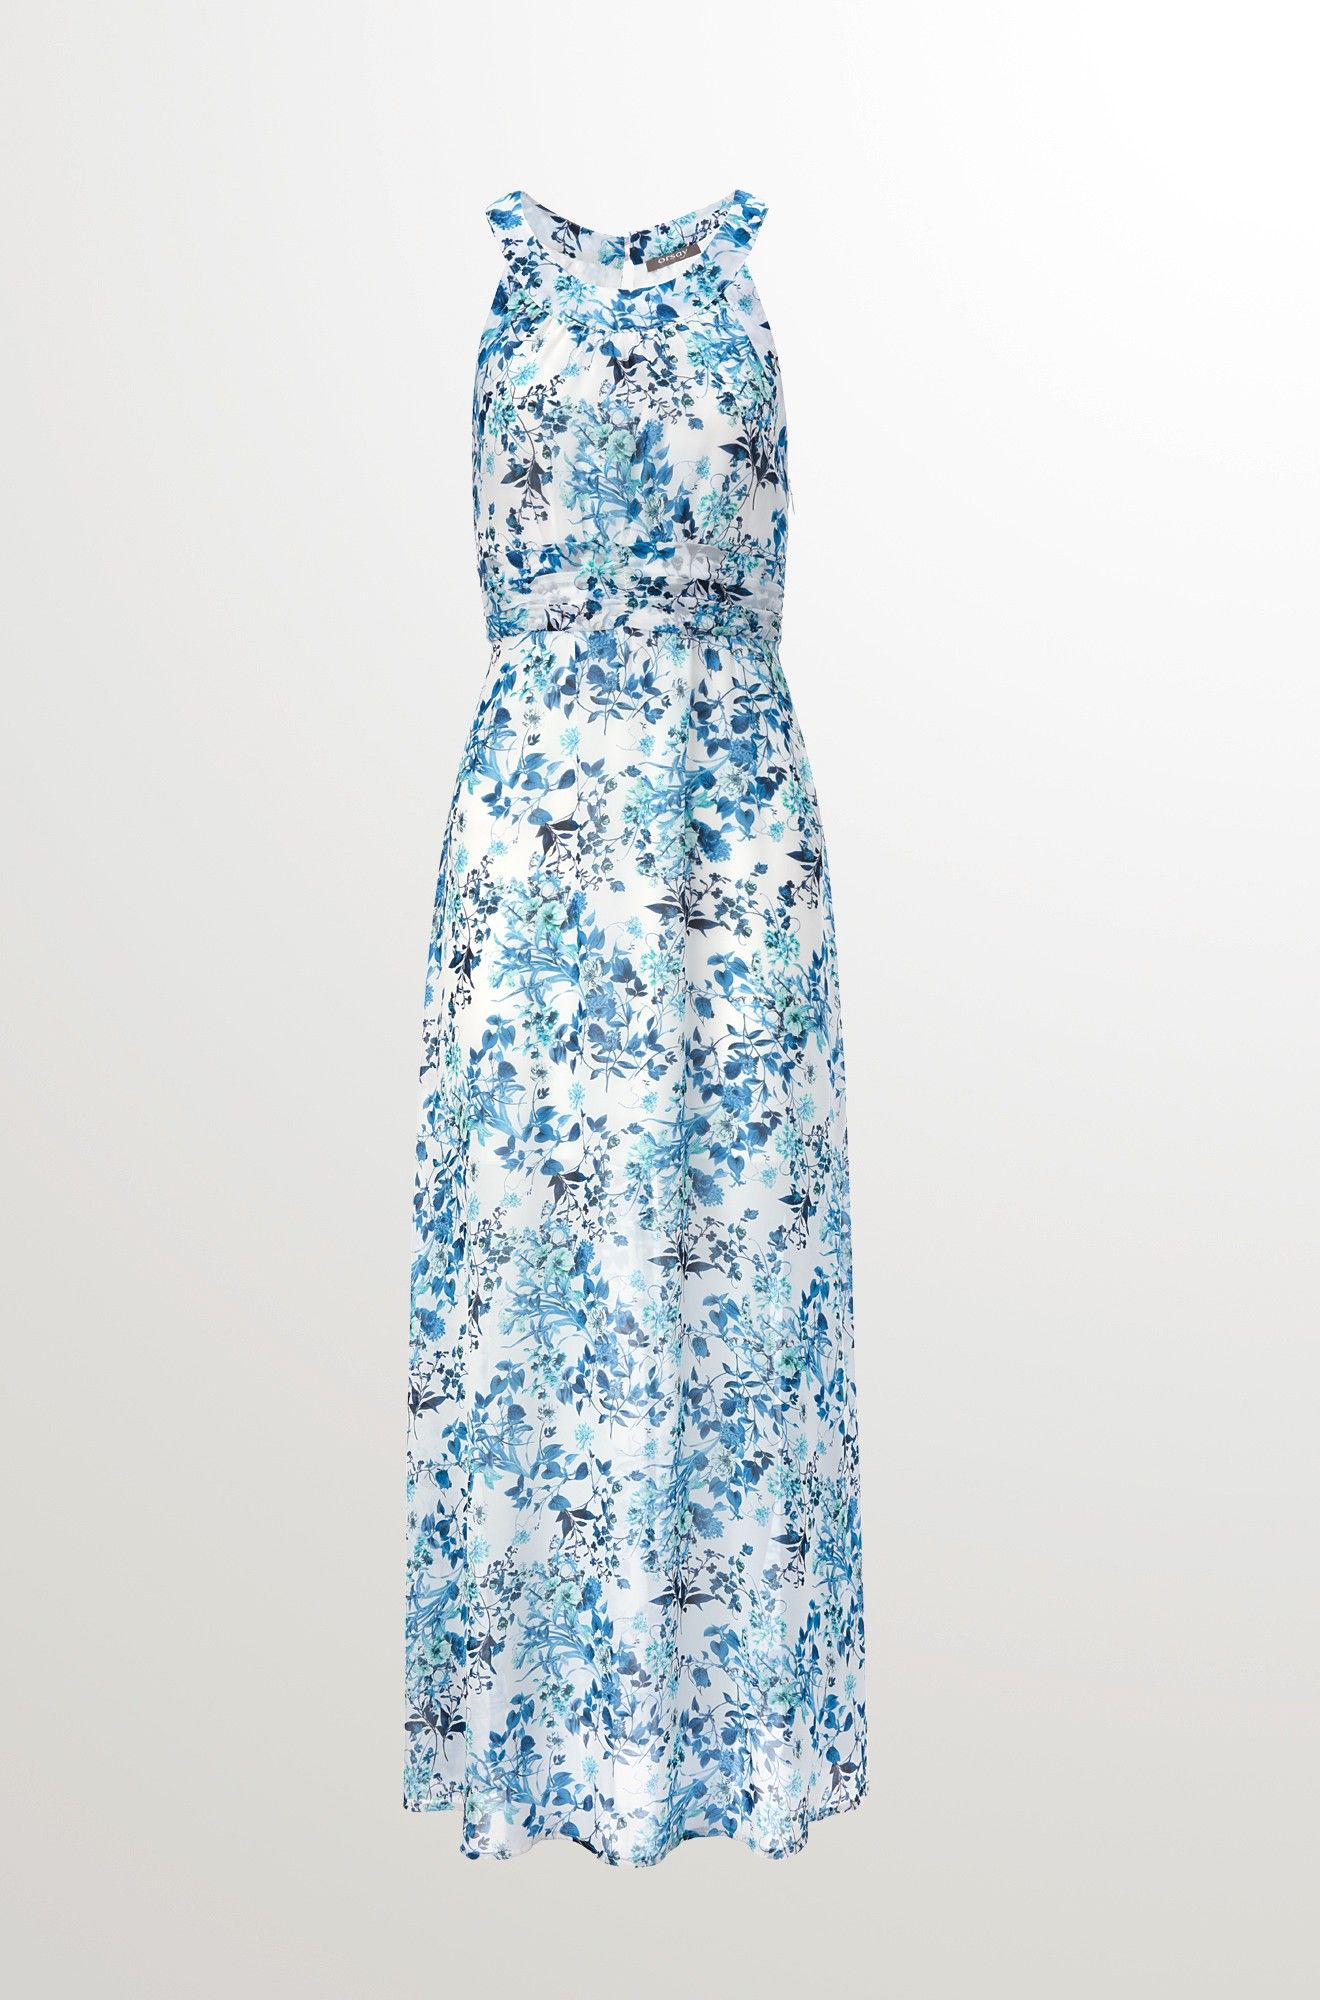 Maxi-Kleid mit Blumen-Print | Kleidung DIY | Pinterest | Blumen und ...